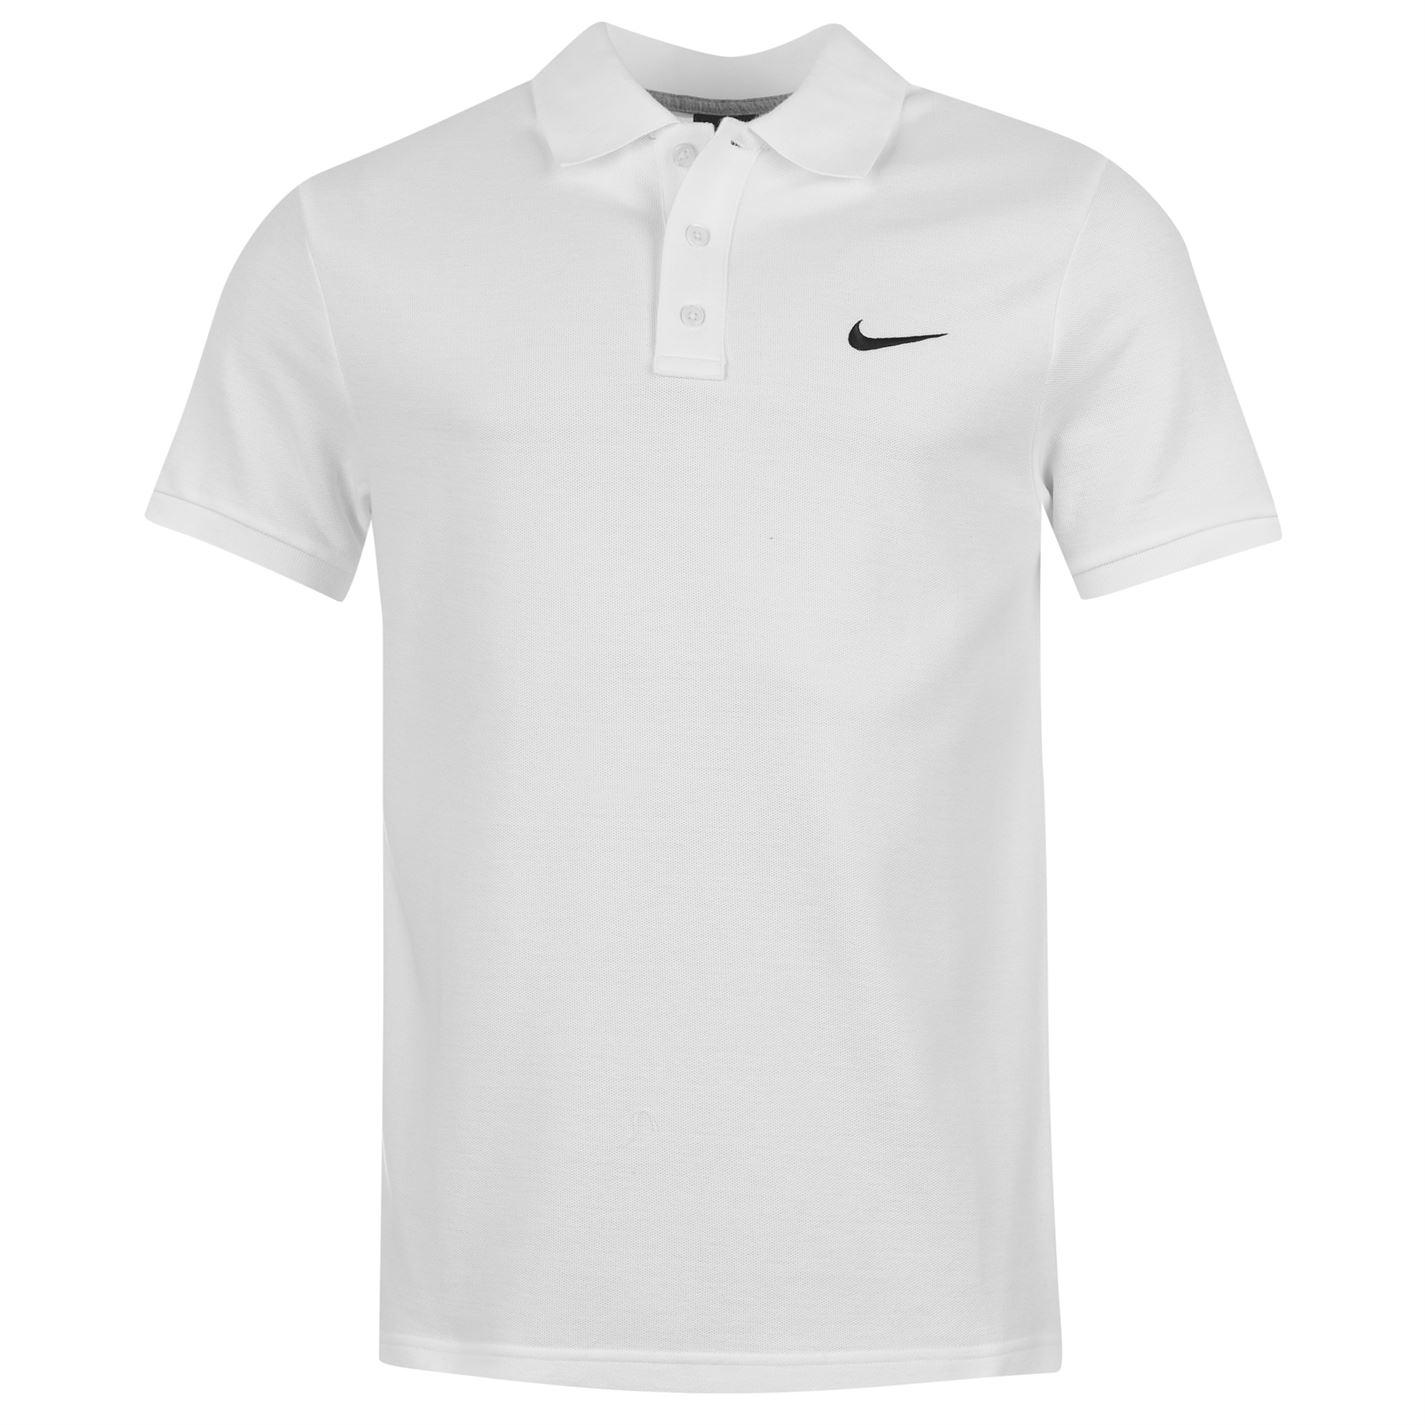 Nike Polo Shirts Offers